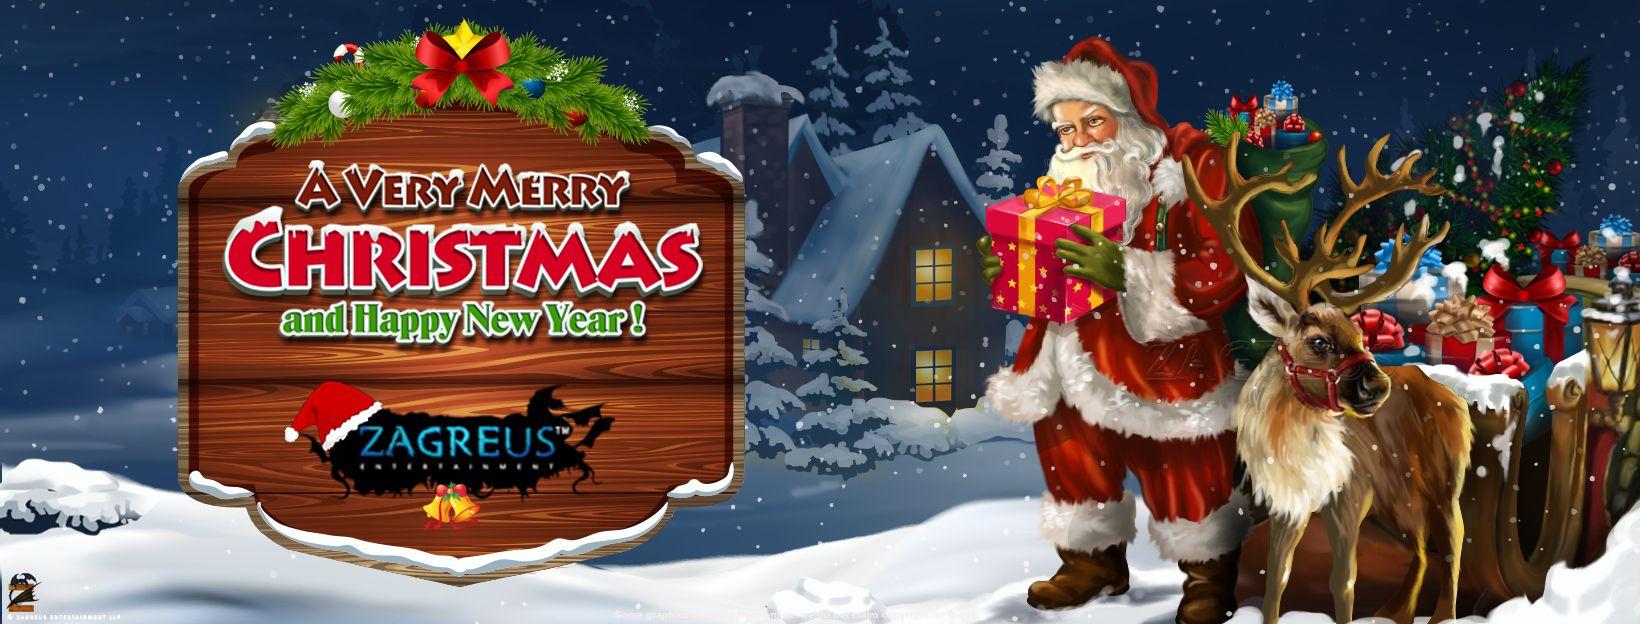 christmas_poster_ze.jpg